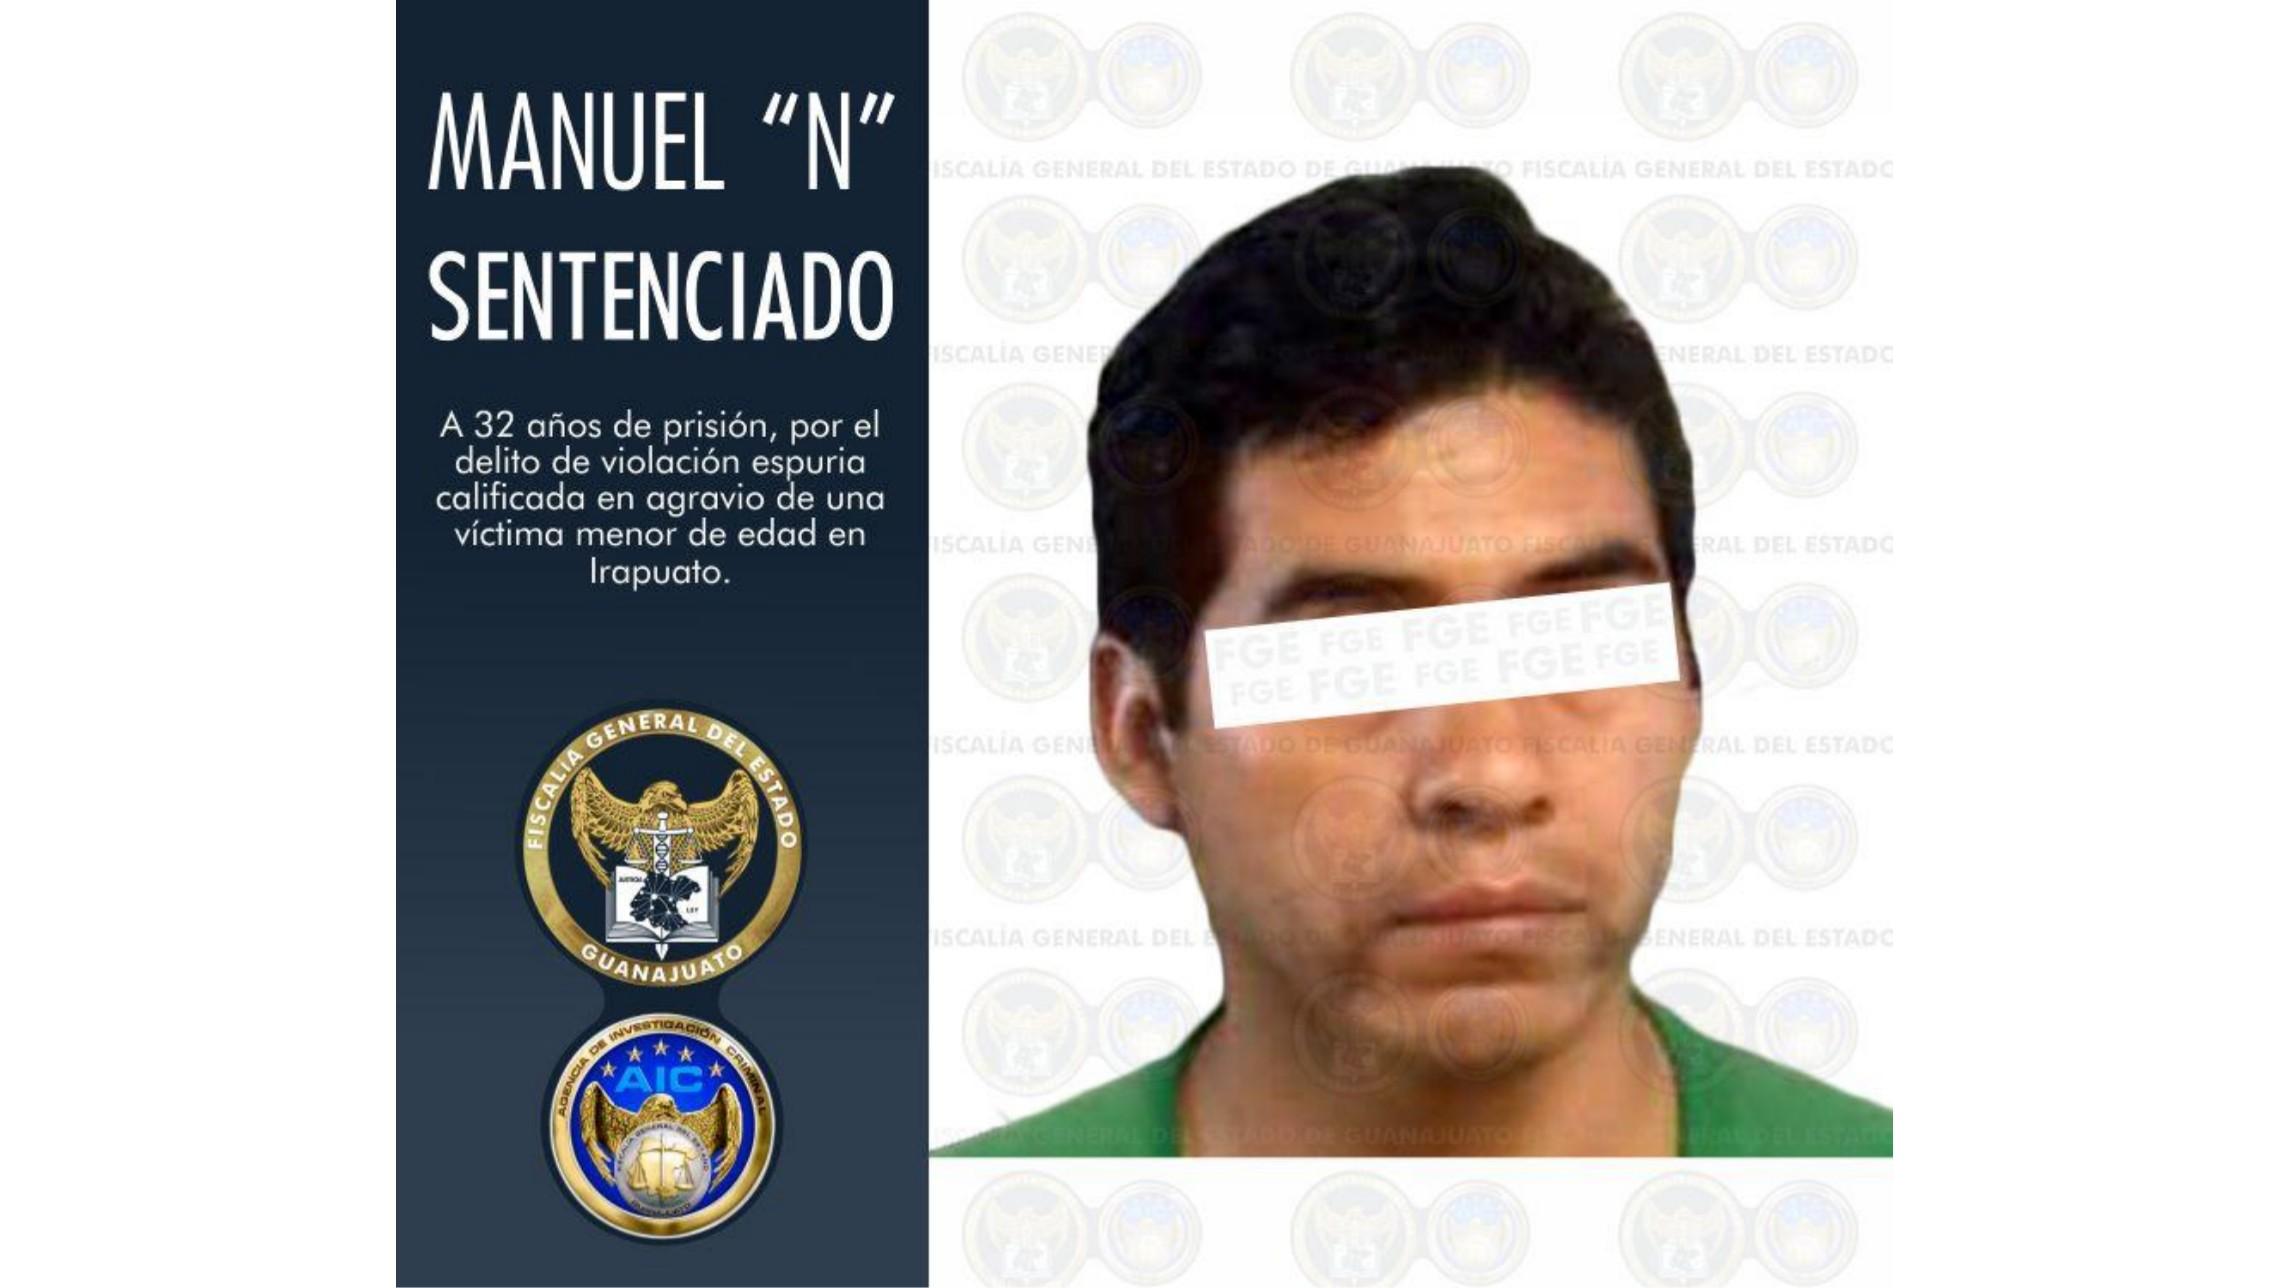 Obtiene FGE 32 años de prisión para culpable de violación en Irapuato 4